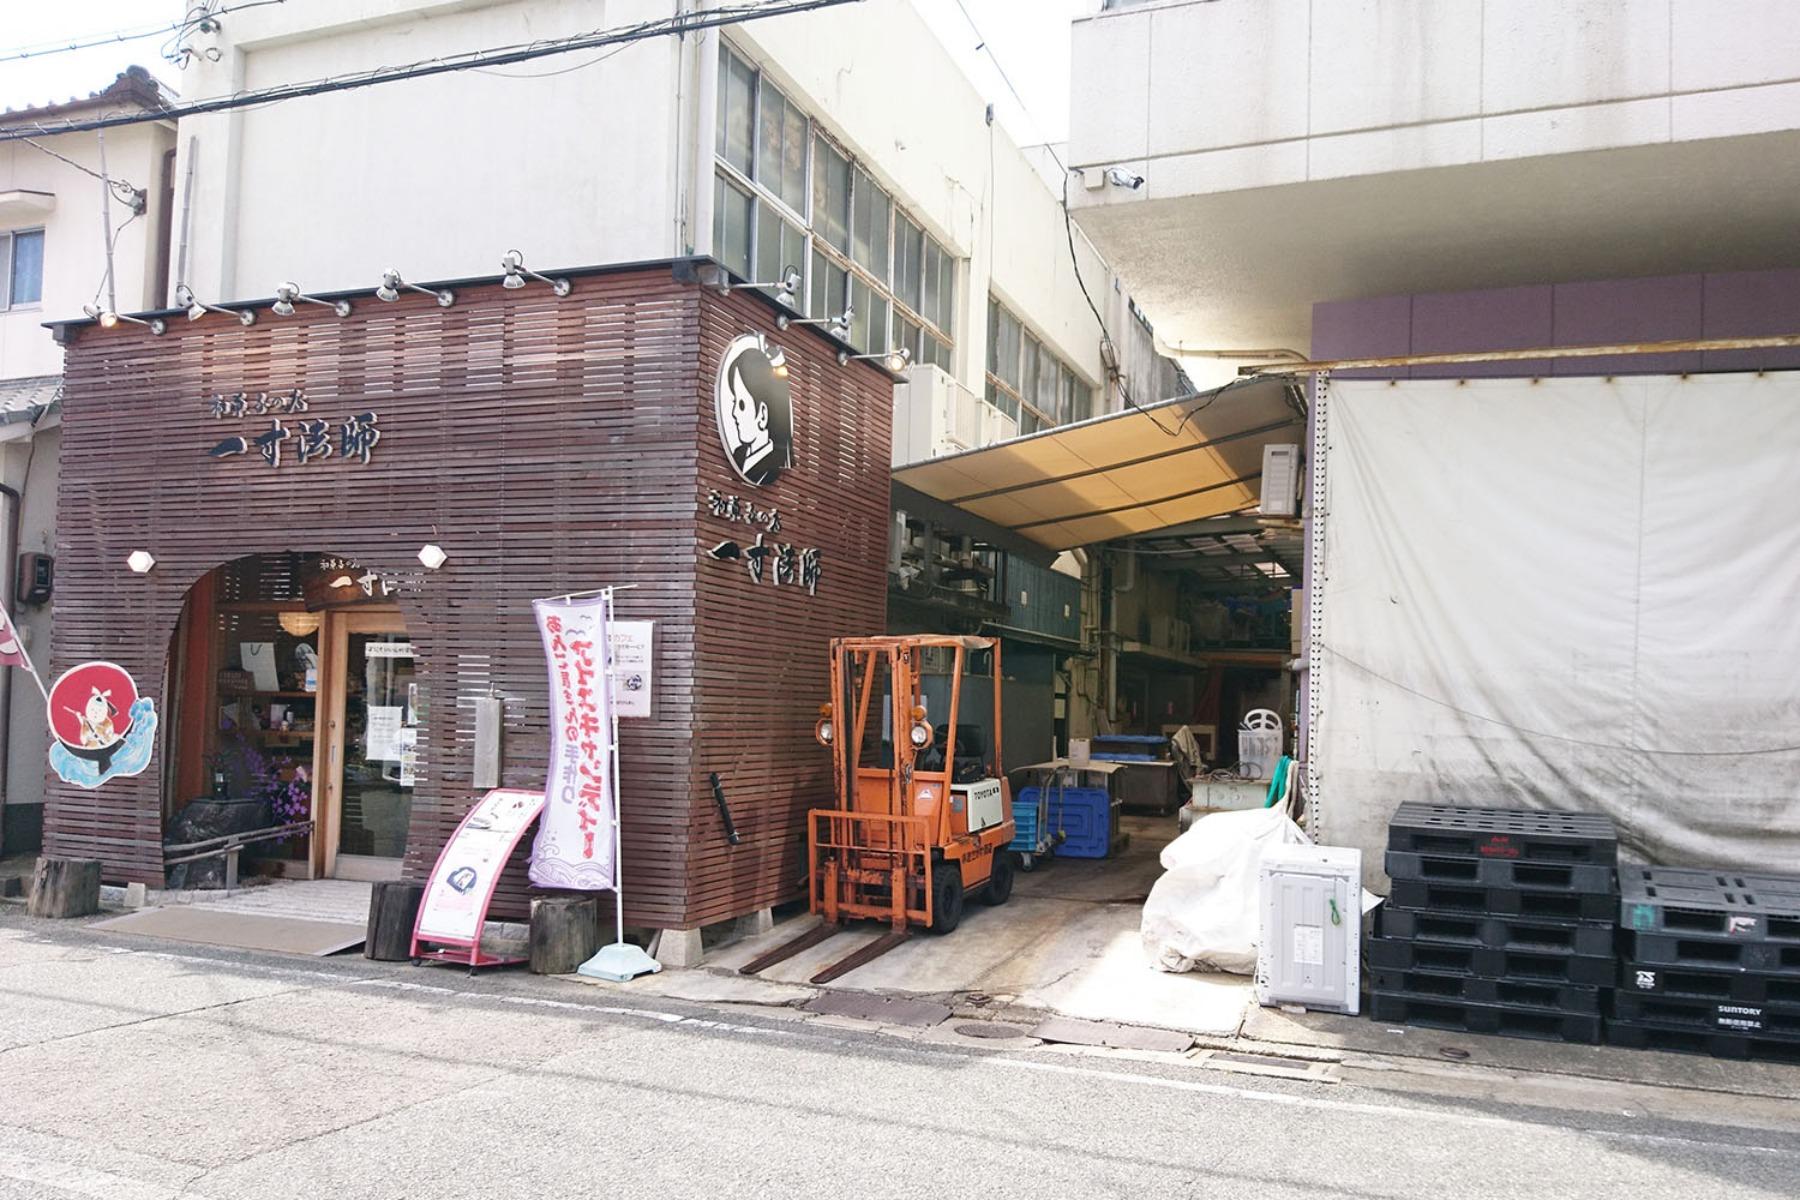 カカオニブ×あんこの可能性。日本最古の製餡所「きたかわ商店」の新たな挑戦